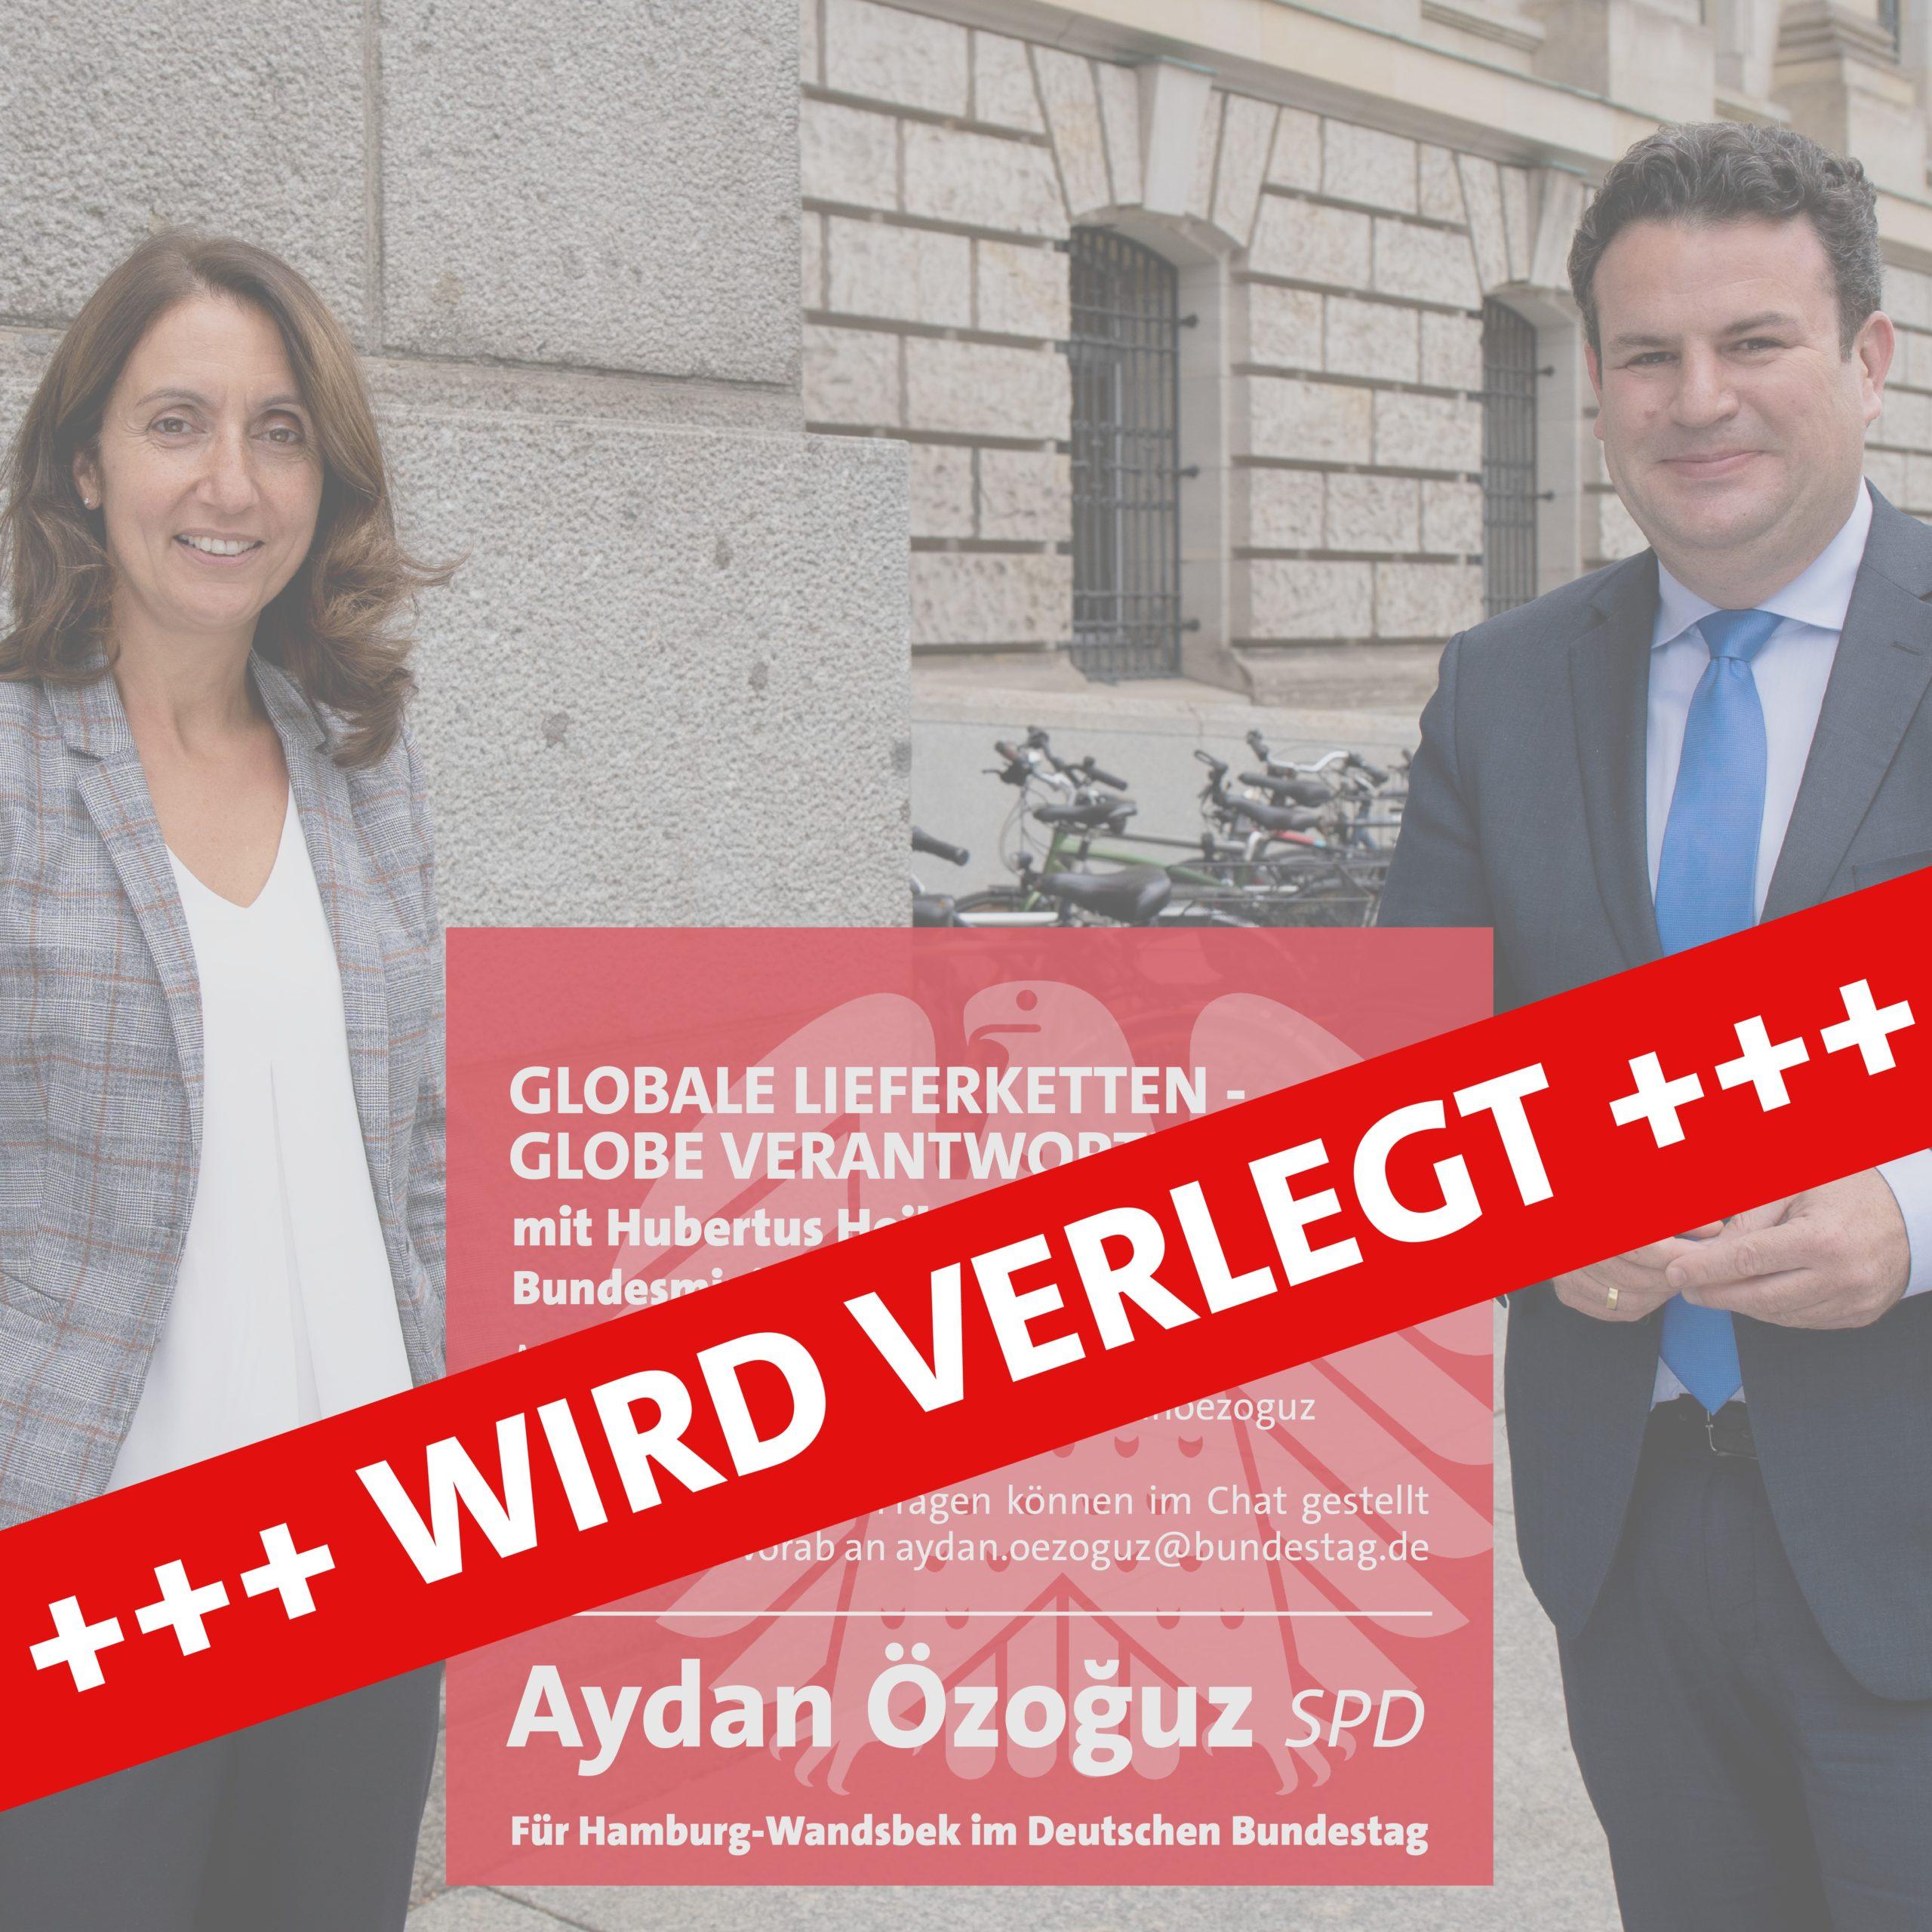 Veranstaltung mit Arbeitsminister Hubert Heil wird verlegt